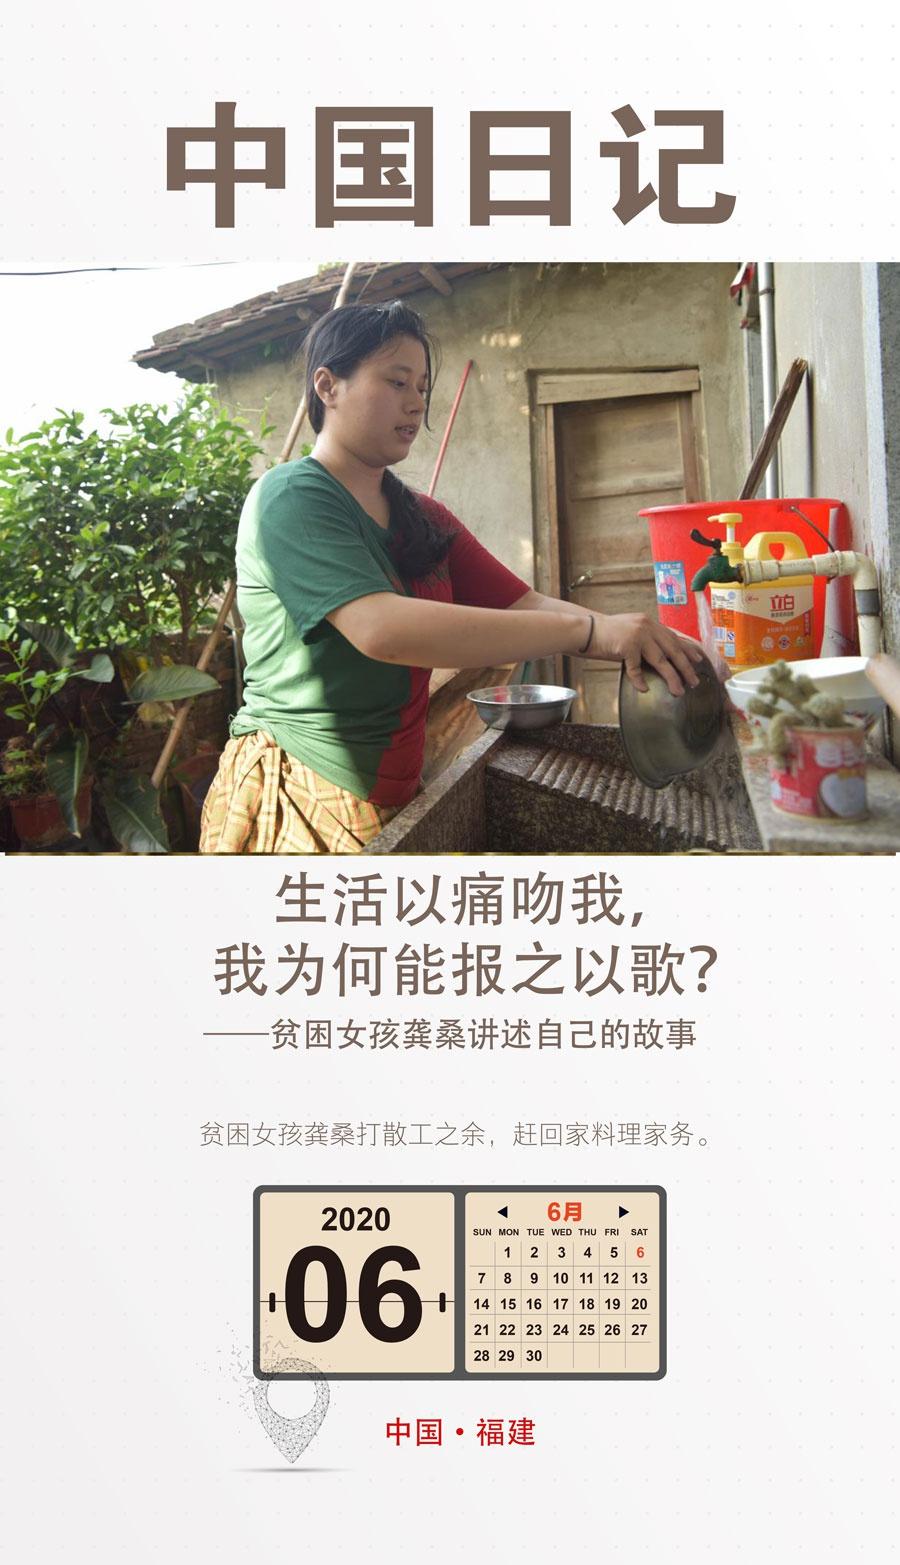 中国日记·6月6日|生活以痛吻我,我为何能报之以歌?图片